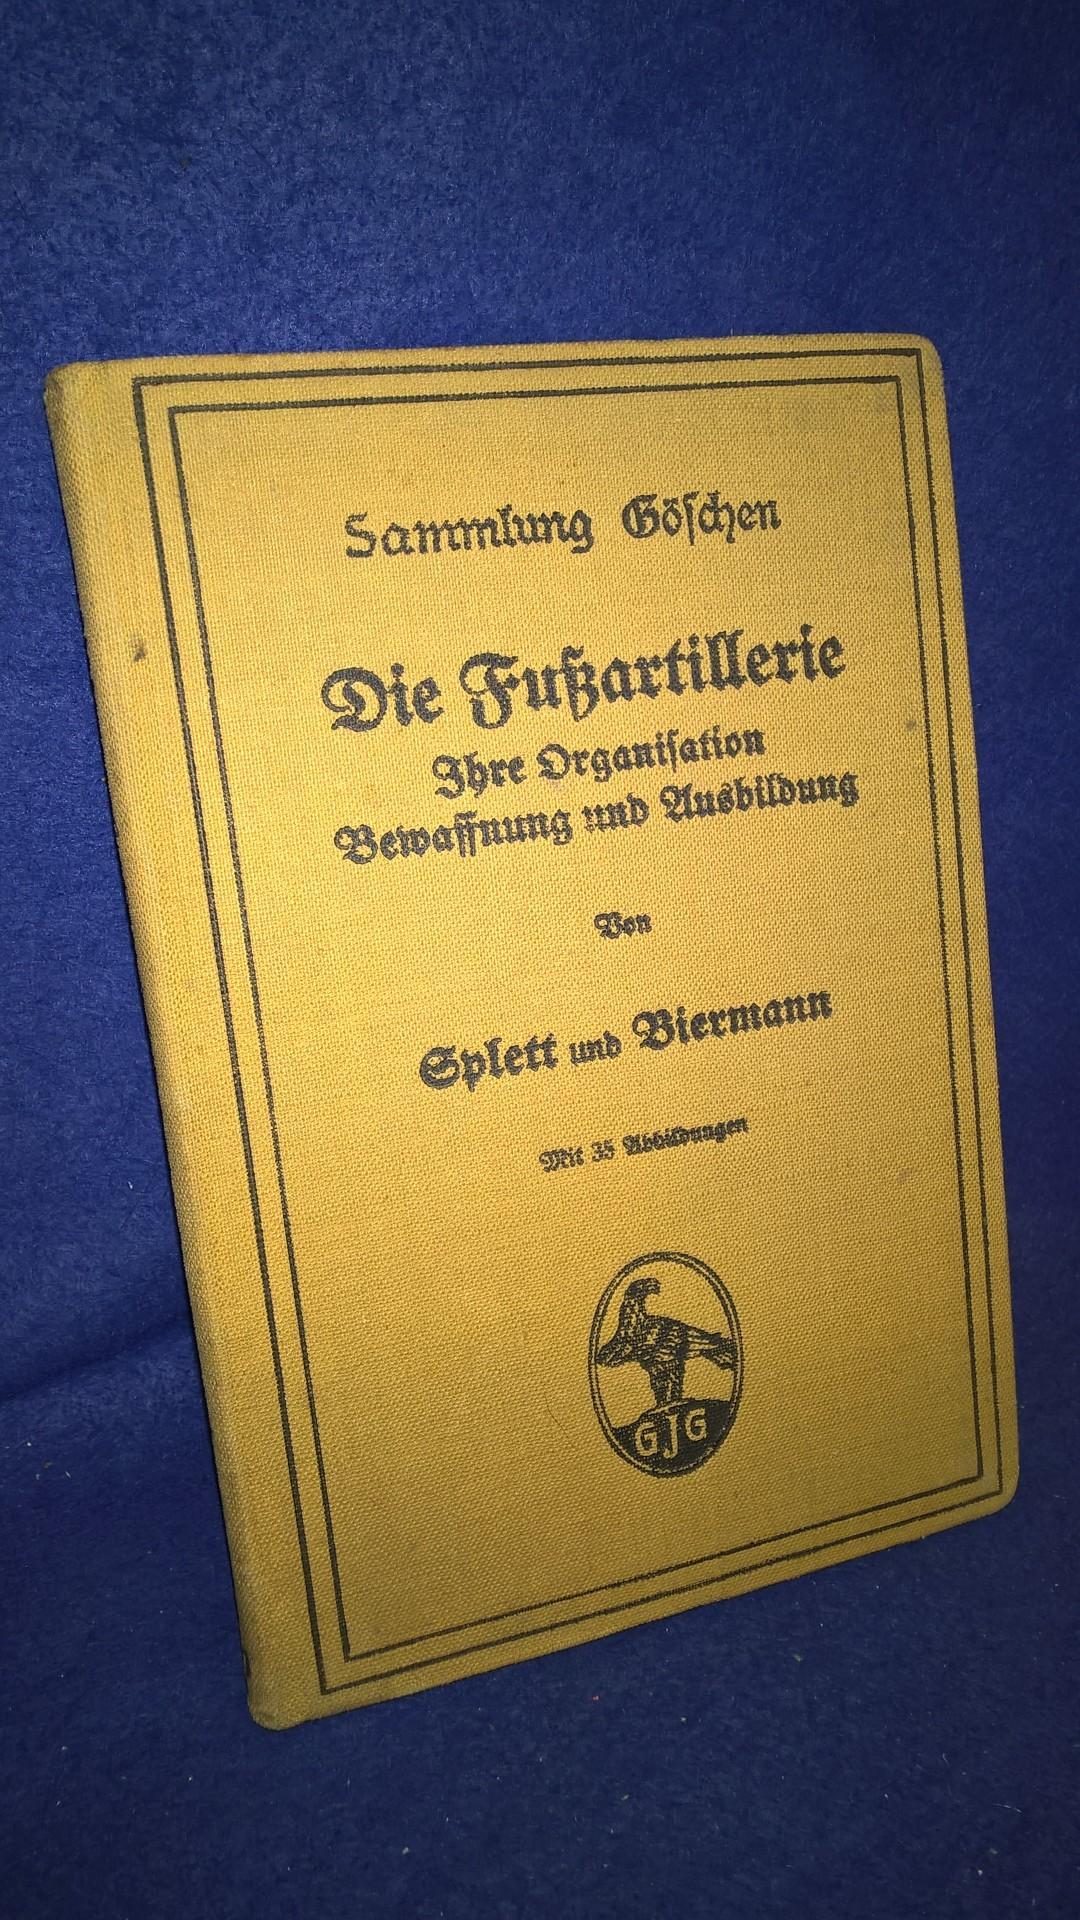 Sammlung Göschen. Die Fußartillerie. Ihre Organisation,Bewaffnung und Ausbildung.